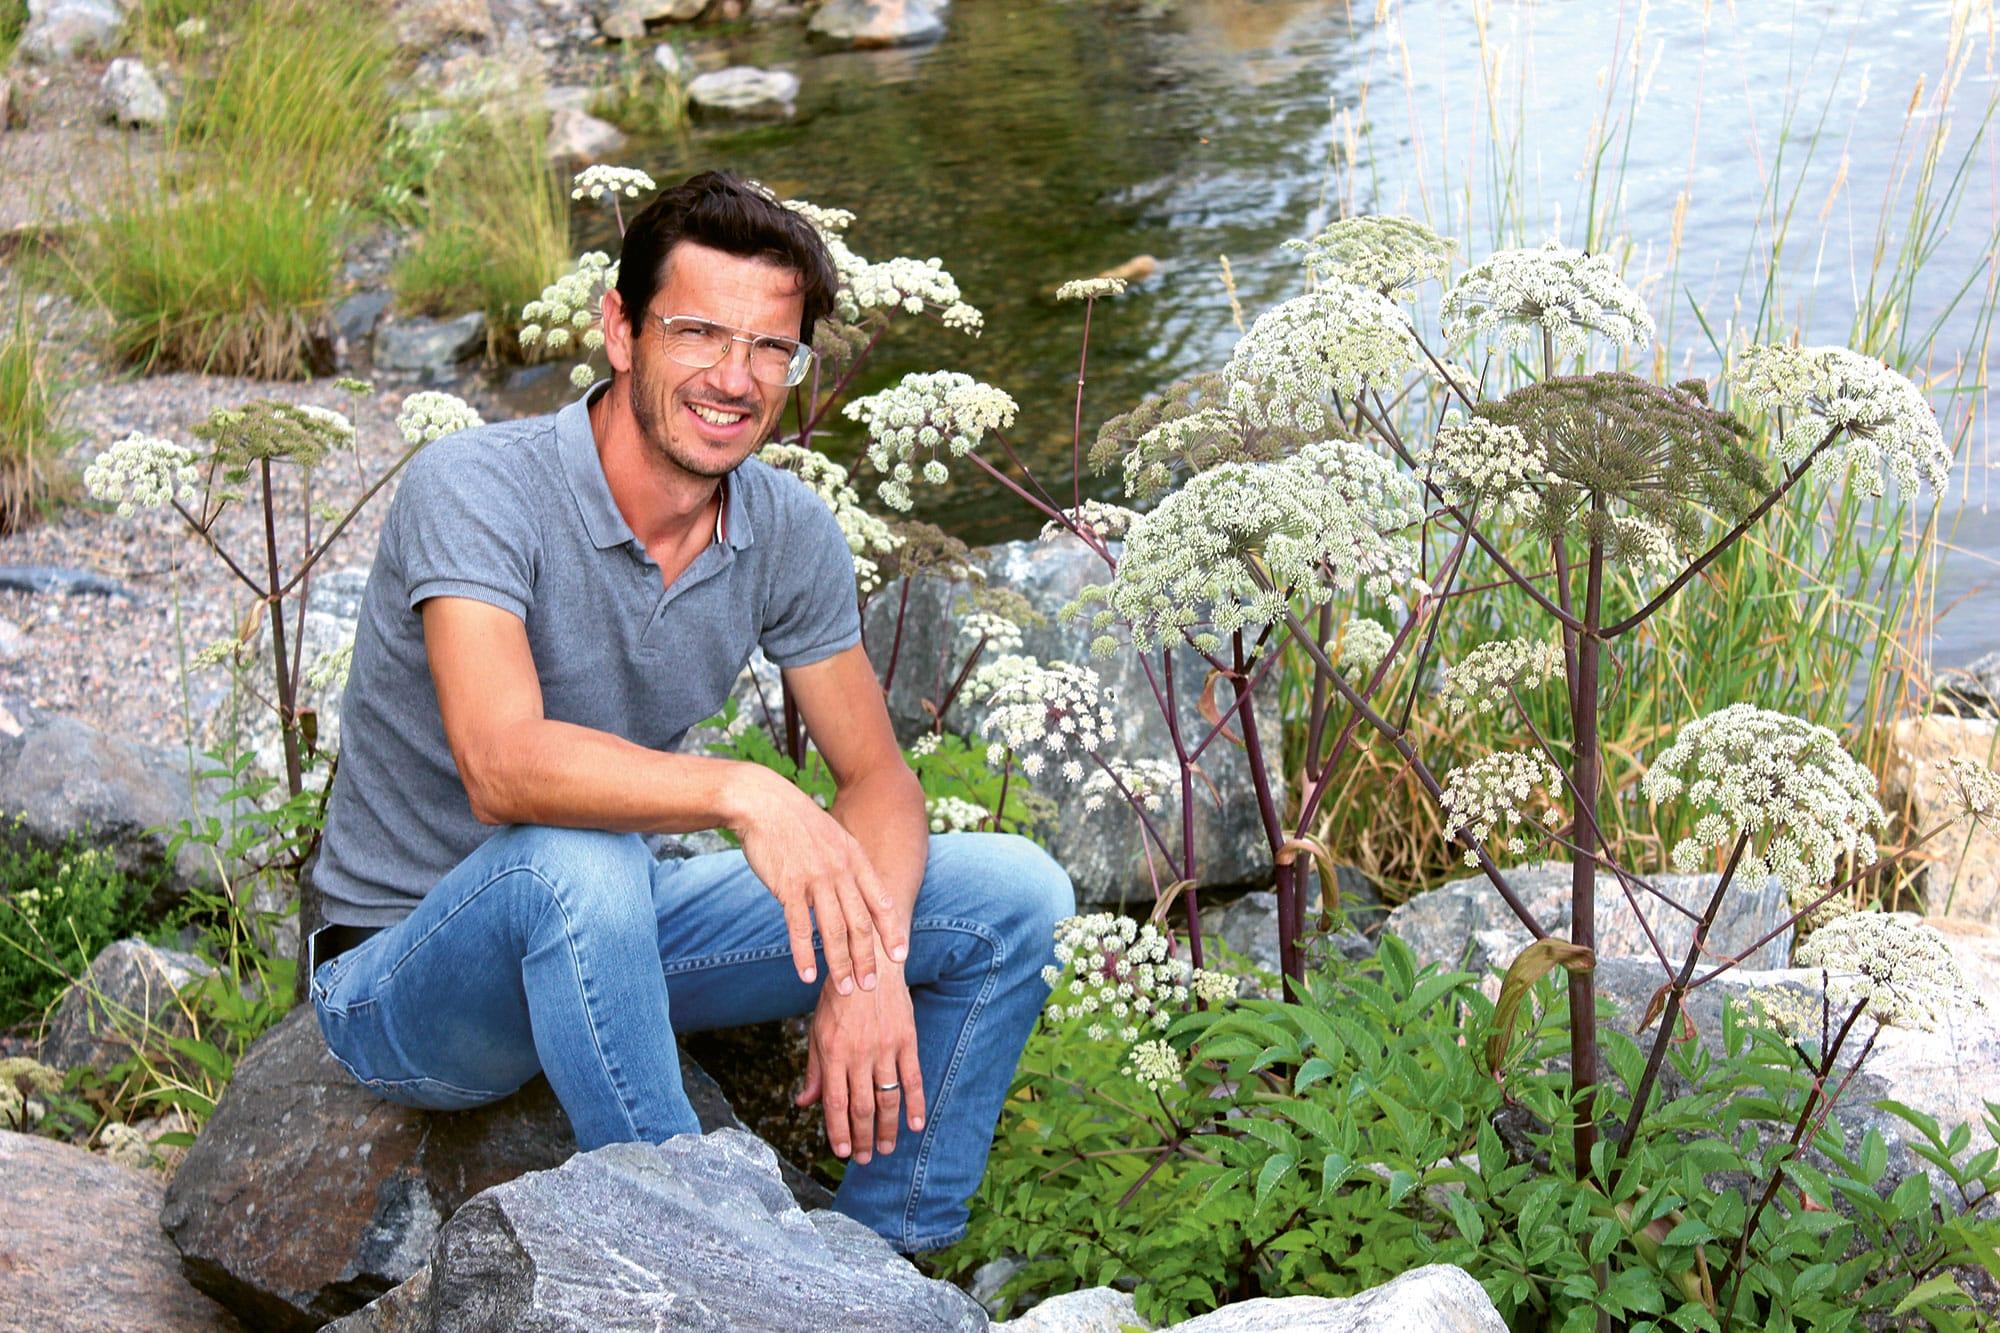 Markus Burkhard - Gartengestalter aus St. Peter, Youtuber und Gartenblogger